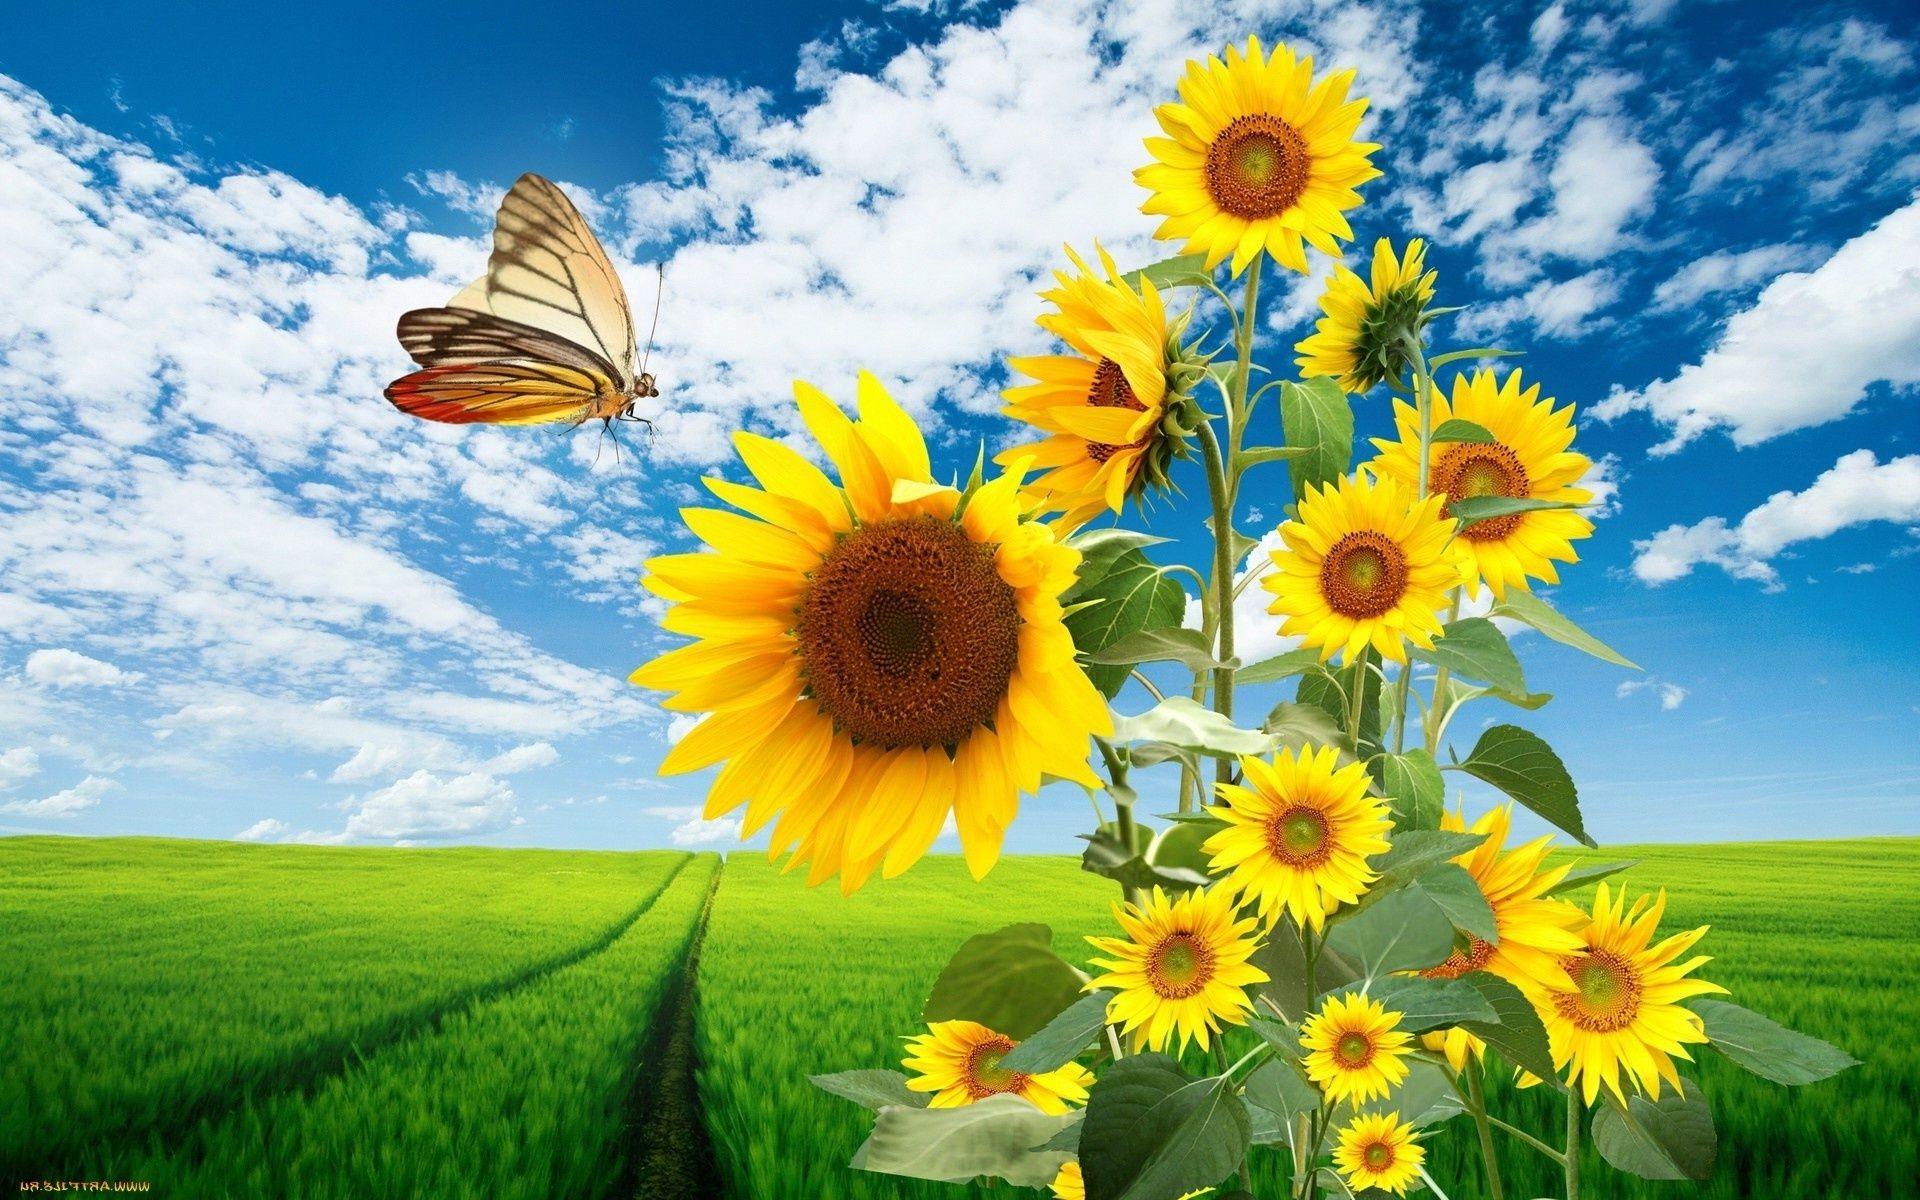 природа подсолнечник цветы nature sunflower flowers  № 2672034 бесплатно